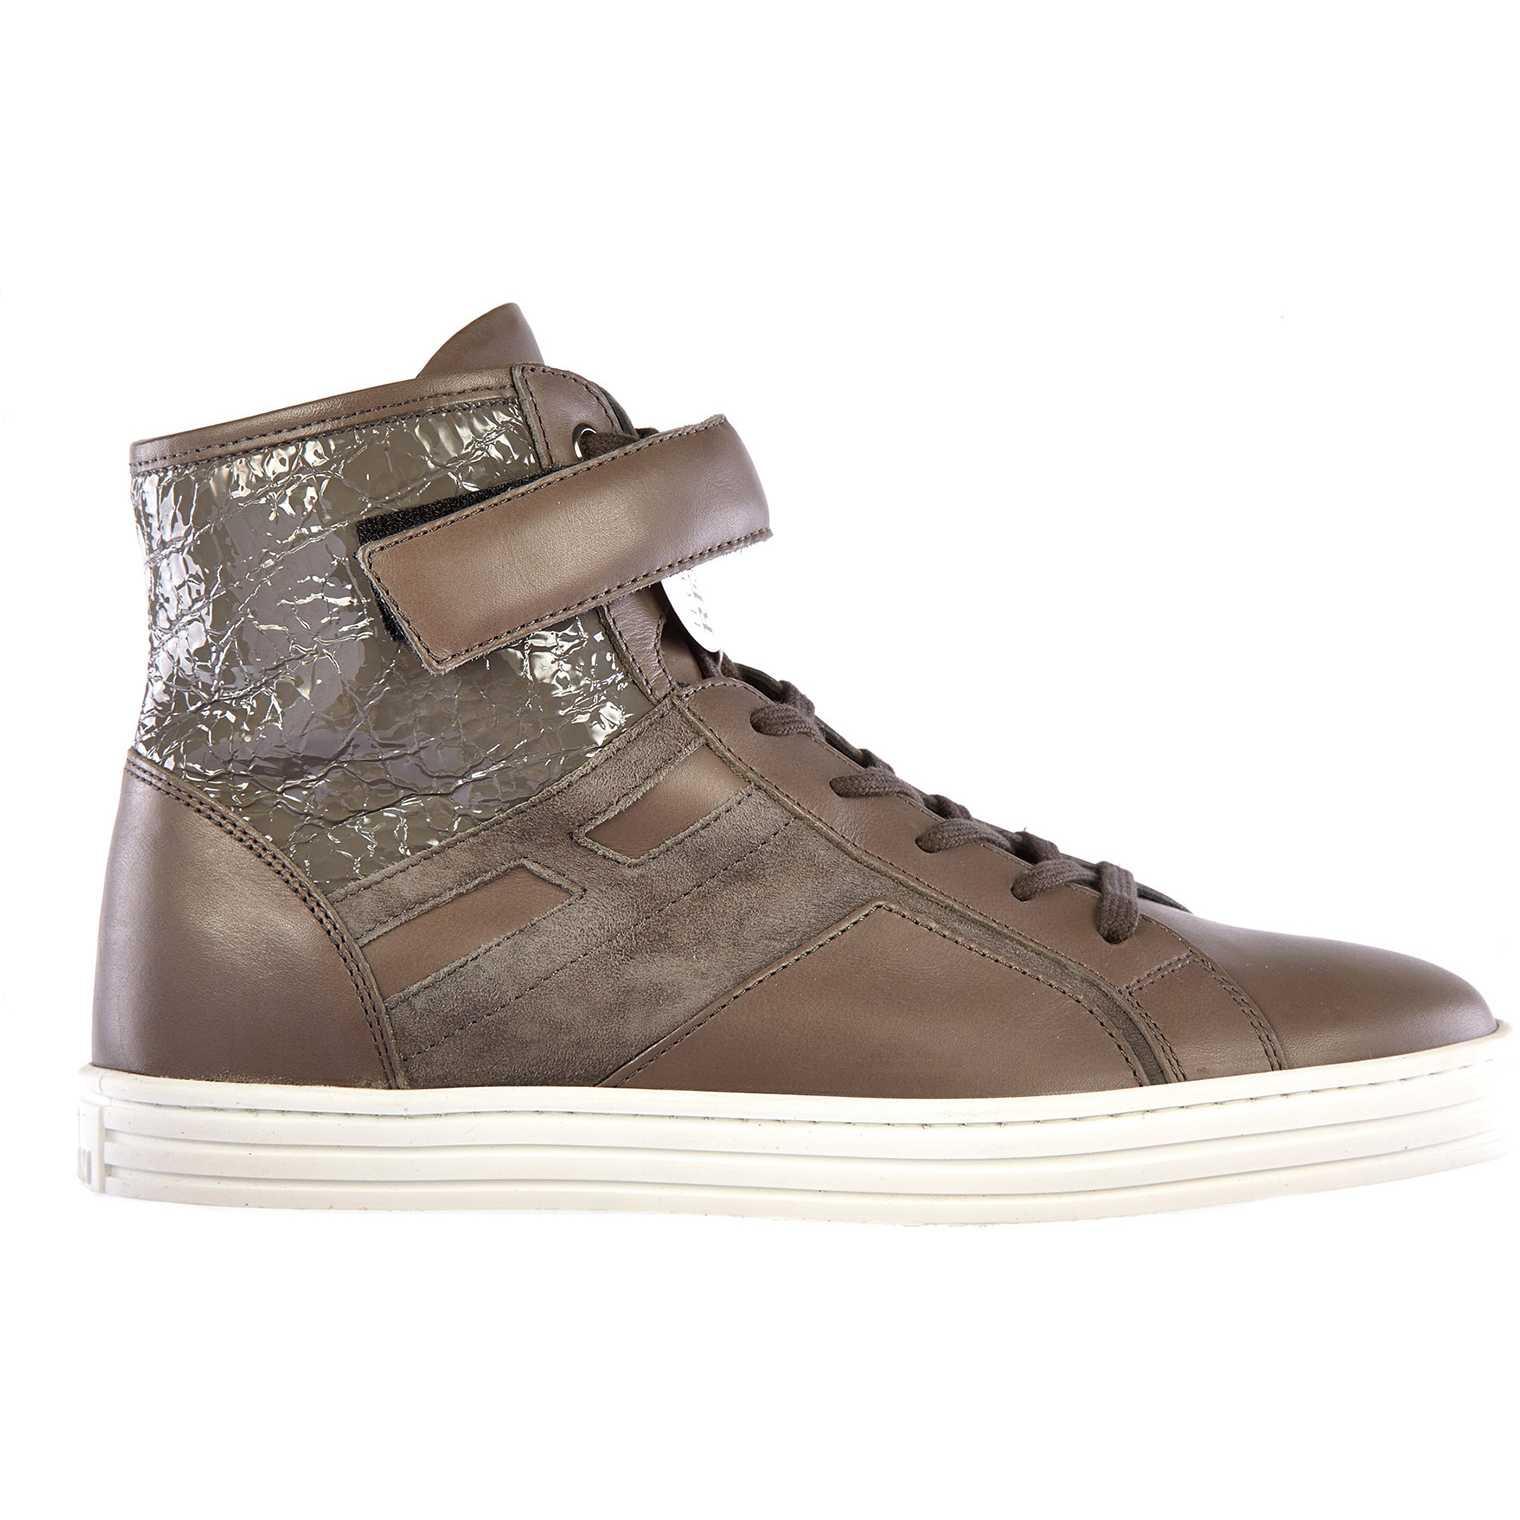 Hogan Rebel High Top Sneakers Rebel R182 Brown pentru femei